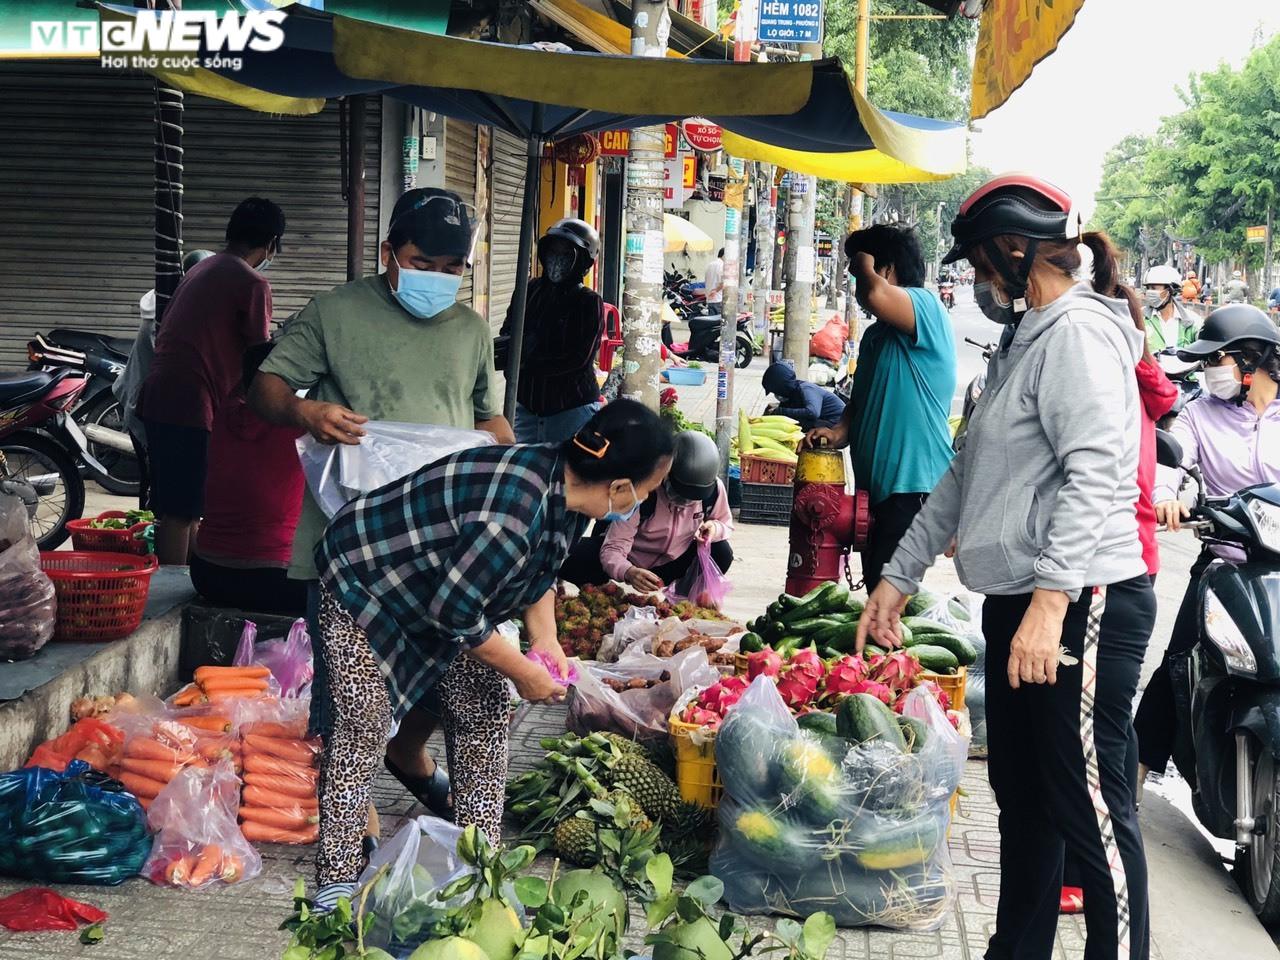 Giá thực phẩm tại các chợ truyền thống ở TP.HCM tăng mạnh - 2